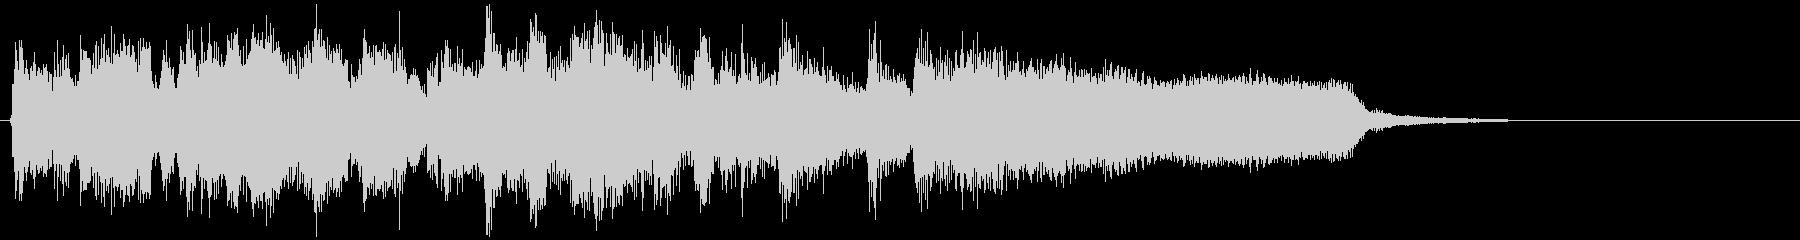 超早いスイングの爽快ジャズサウンドロゴの未再生の波形